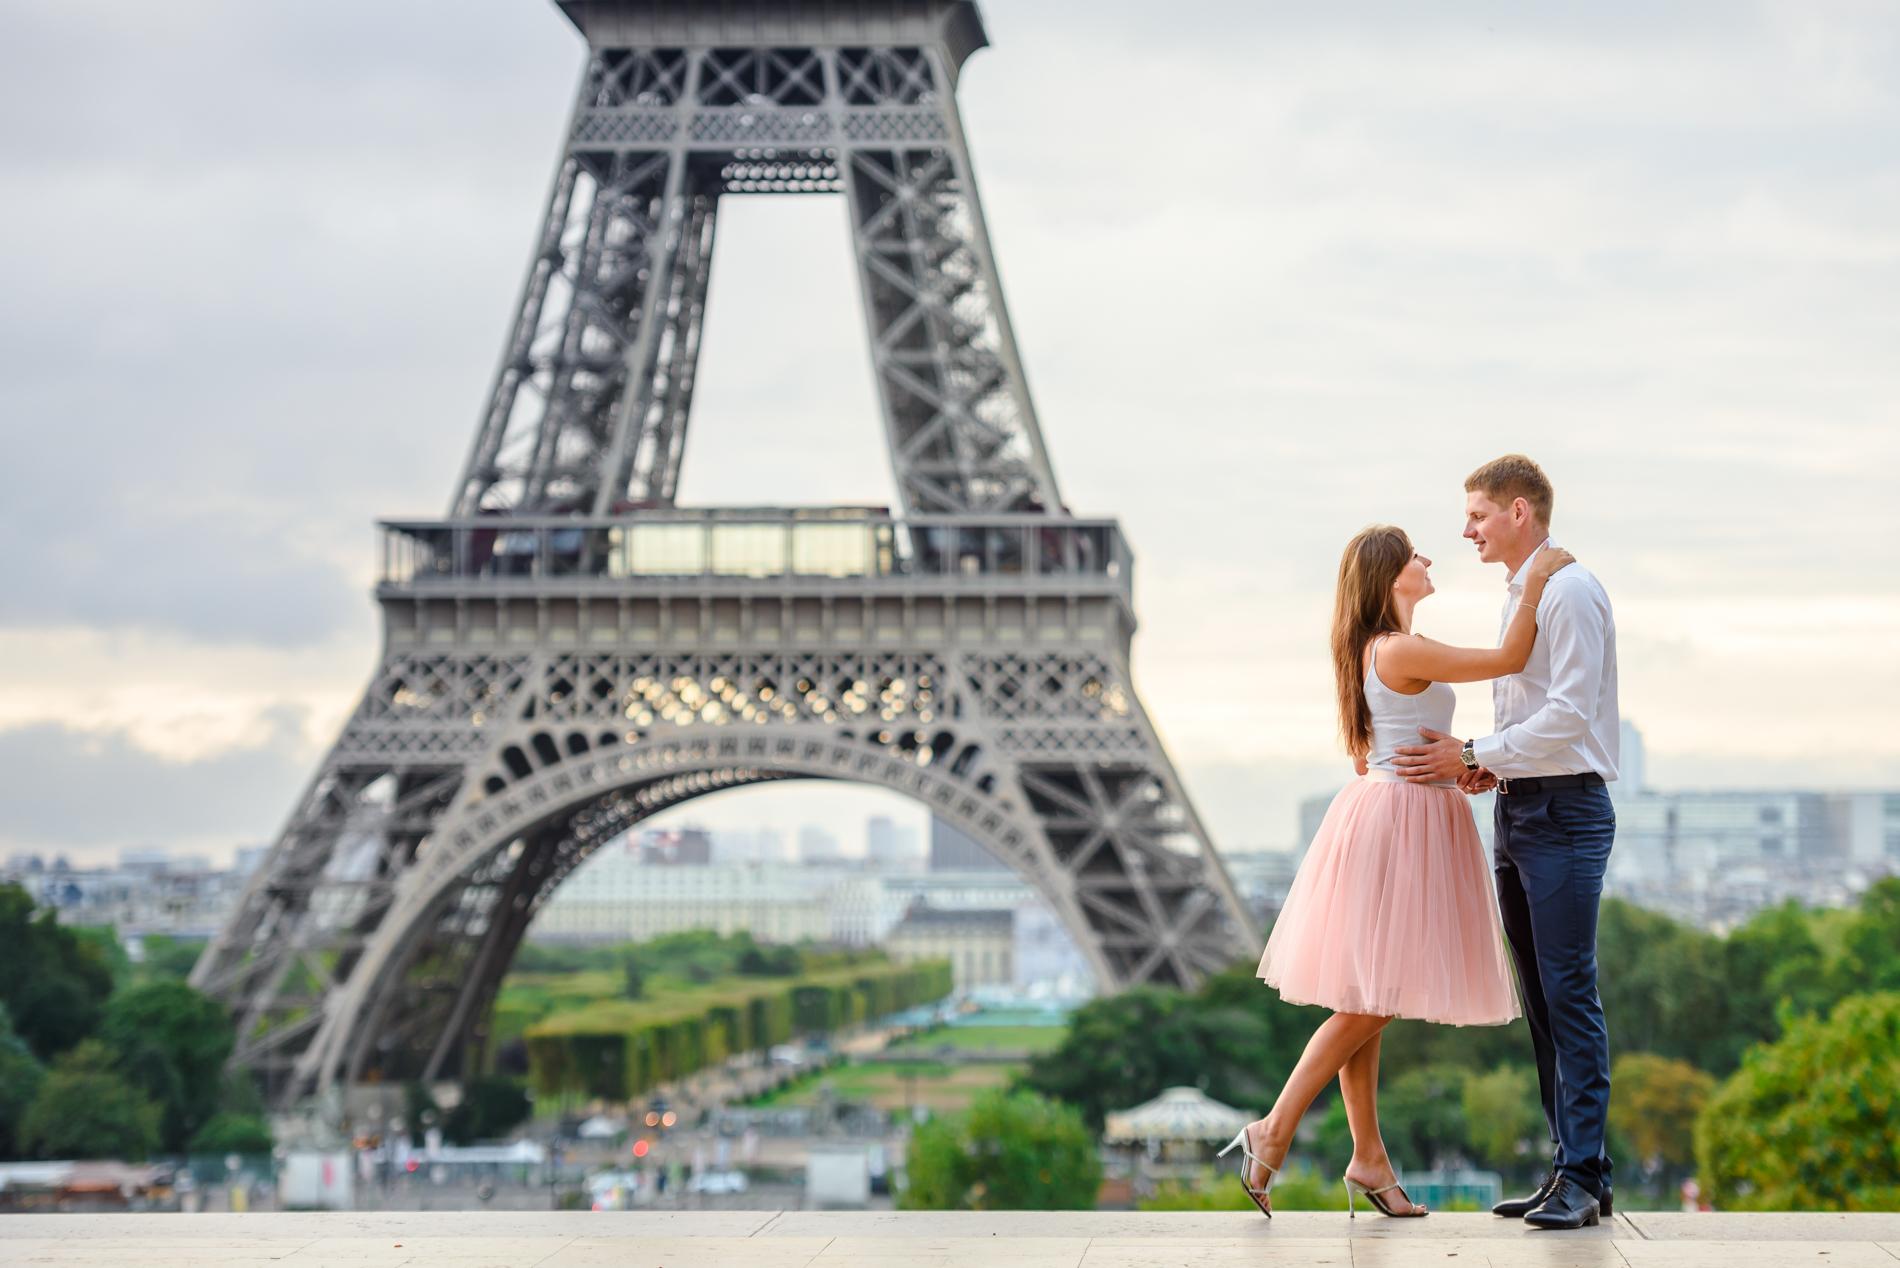 портфолио - фотограф в париже. пара у эйфелевой башни Paris-